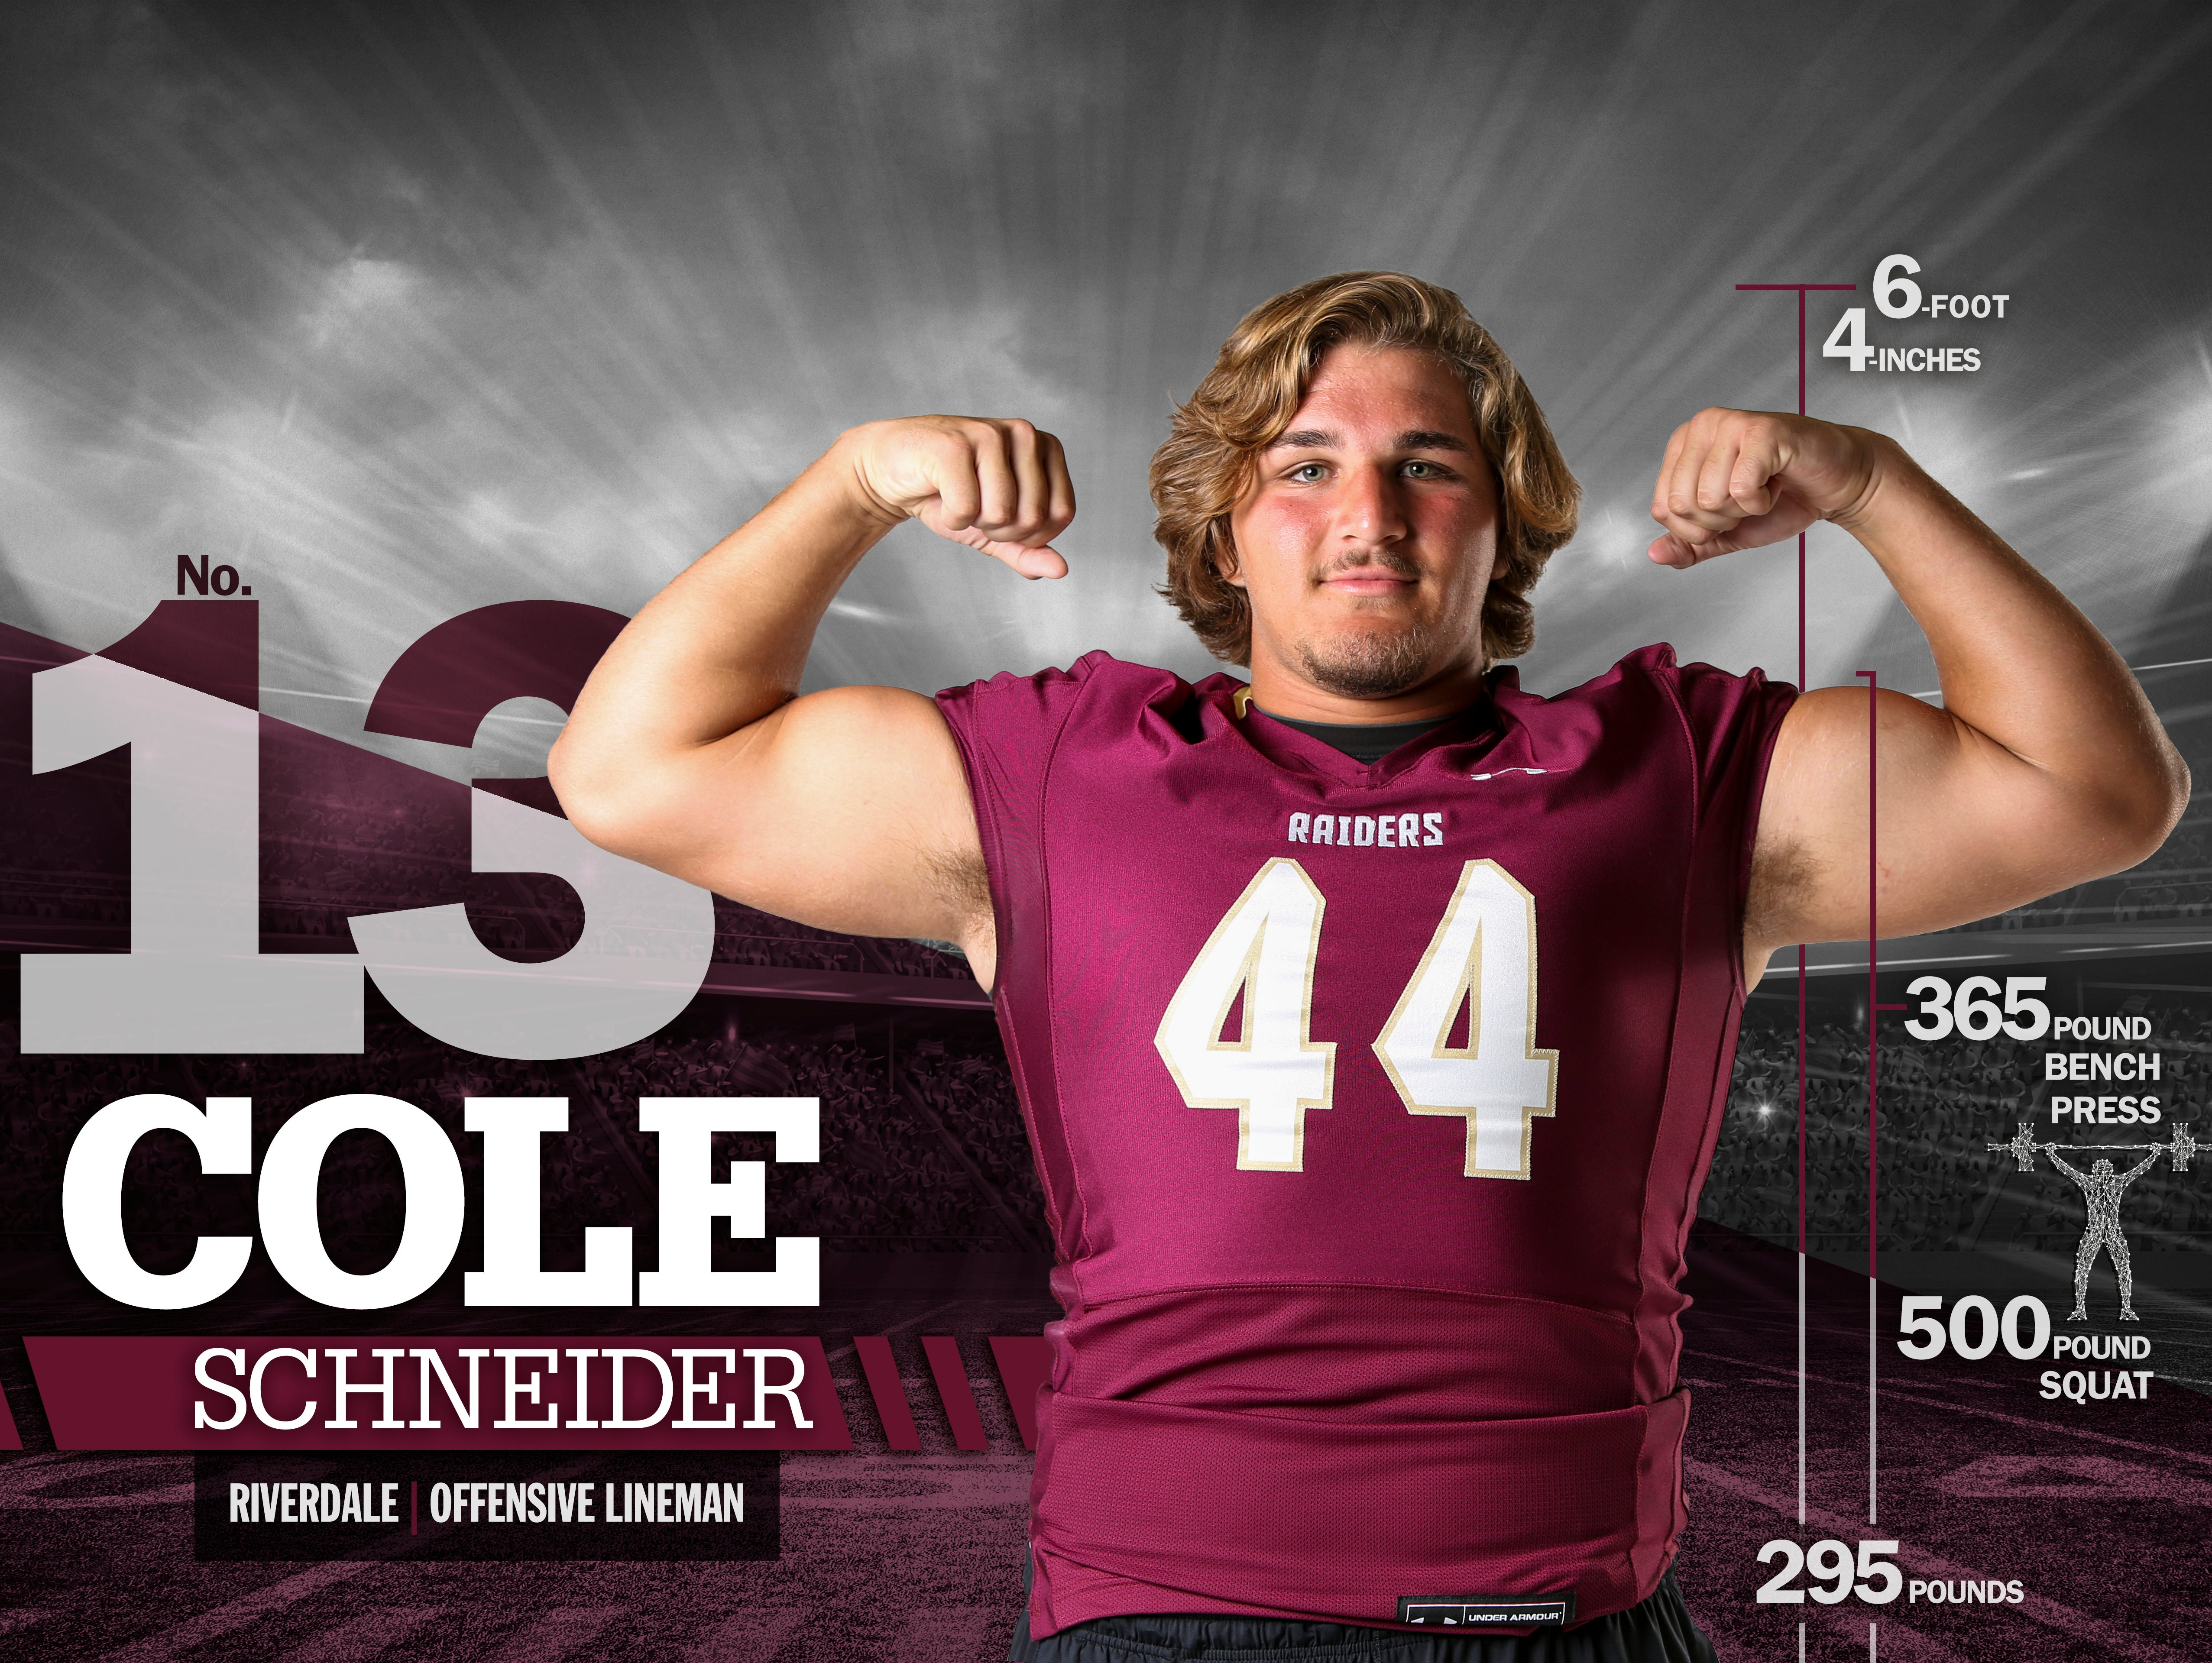 Cole Schneider